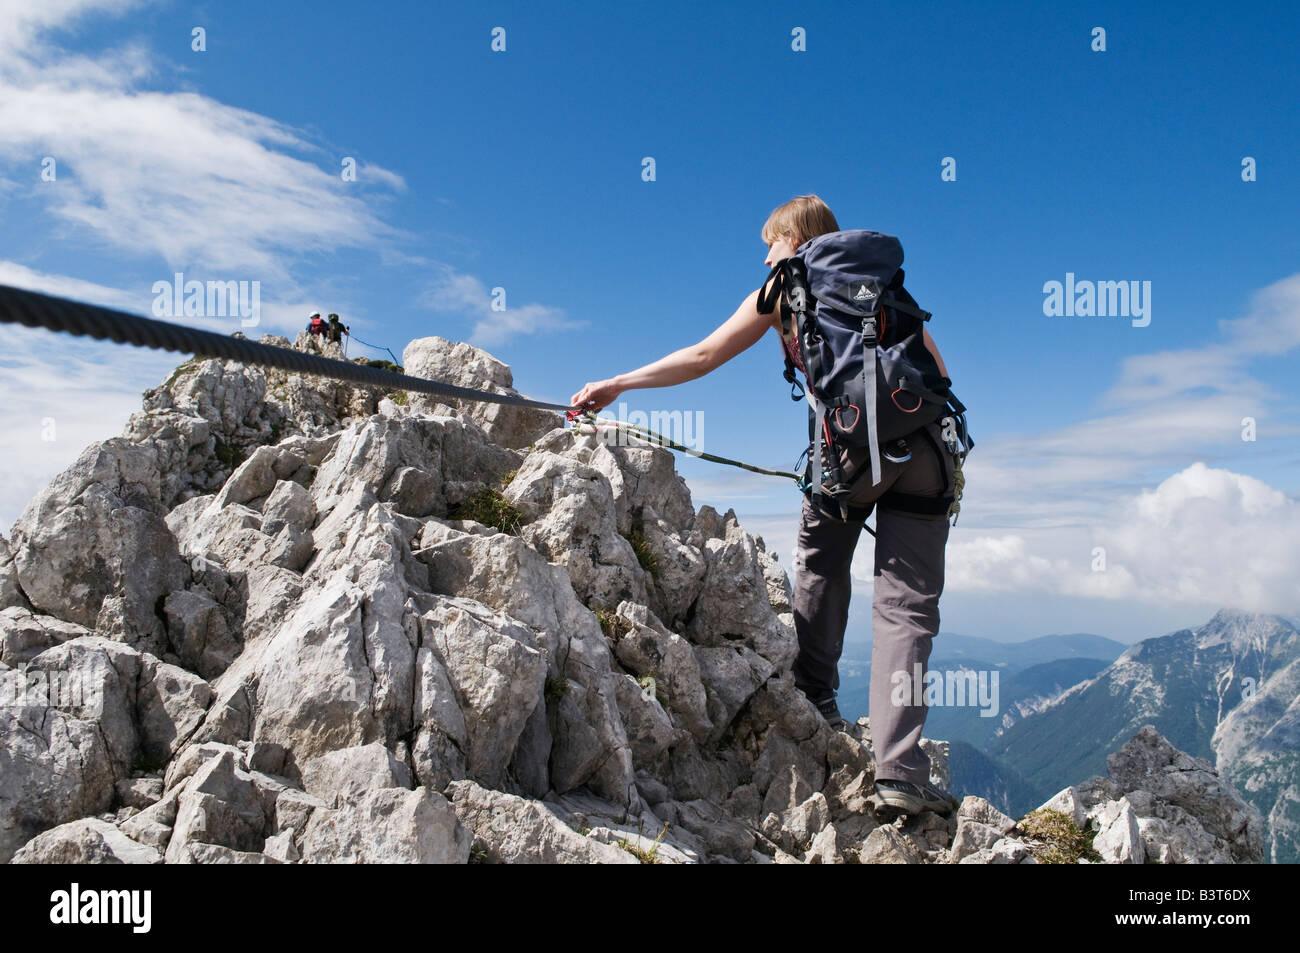 Klettersteig Deutschland : Weibliche wanderer auf via ferrata klettersteig route der